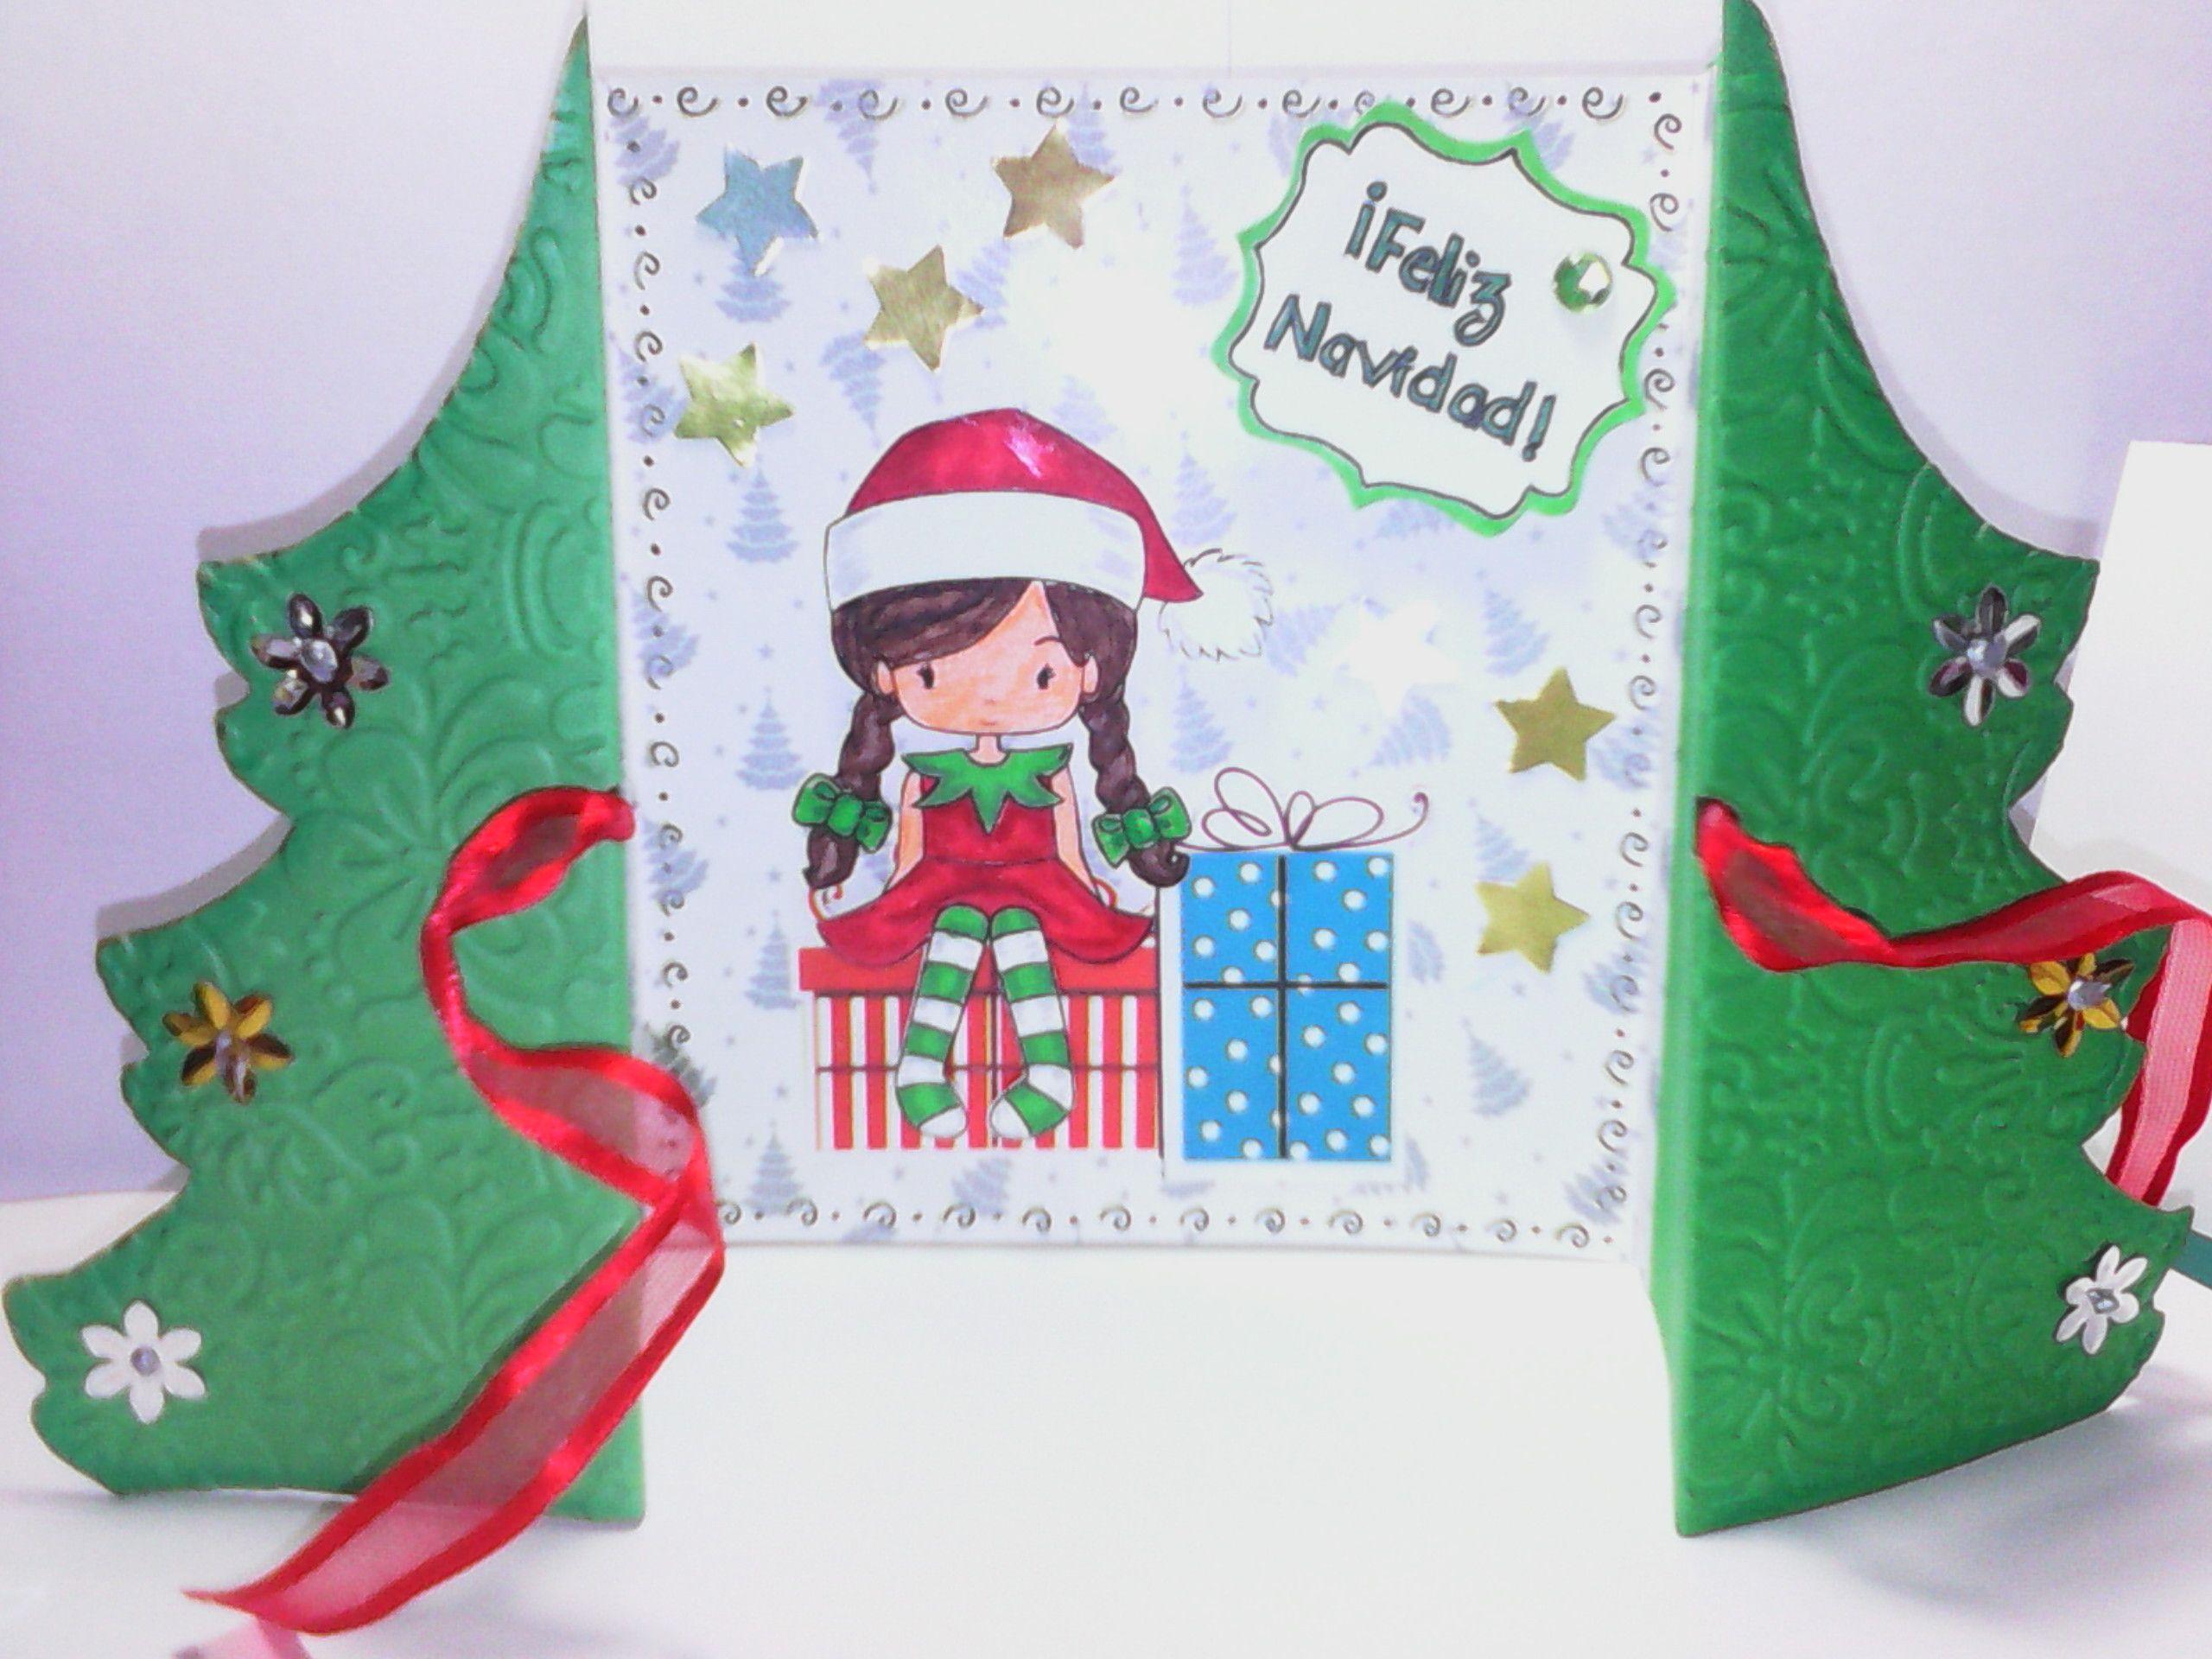 reto 33 vci tarjeta navidad 3d ganadora - Tarjeta De Navidad En 3d